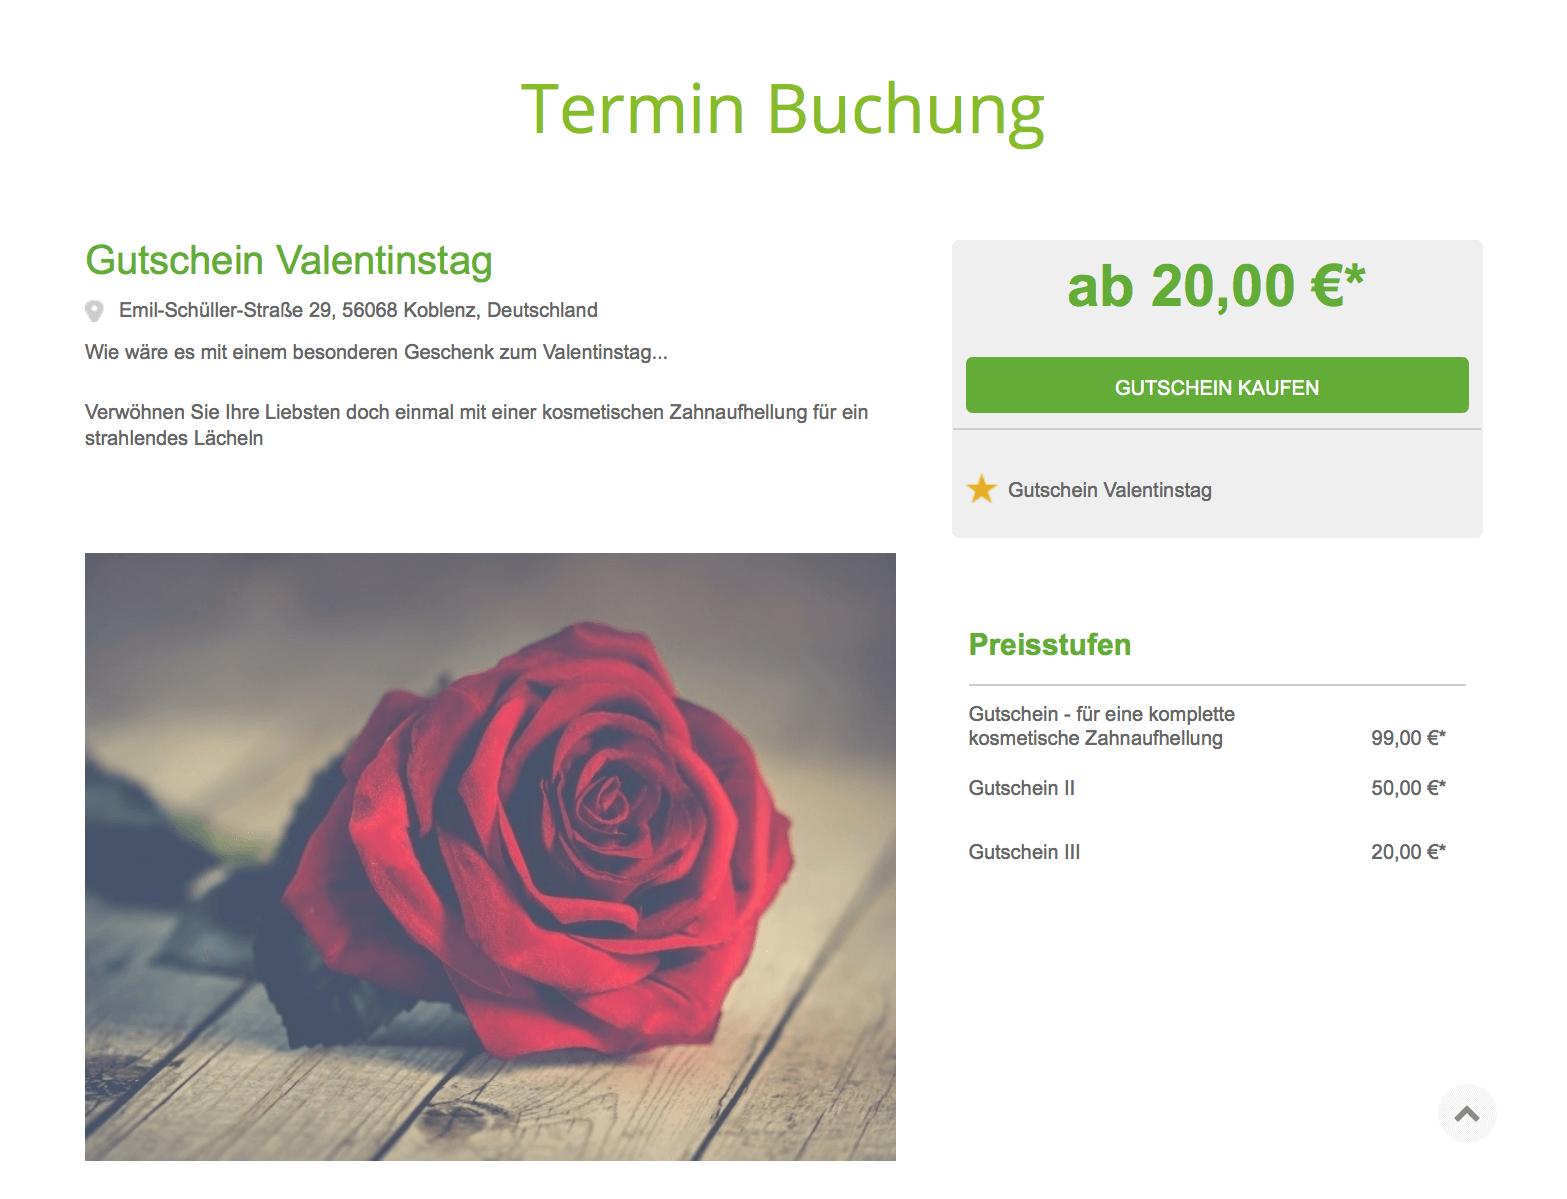 Großartig Valentin Gutschein Vorlage Bilder - Entry Level Resume ...